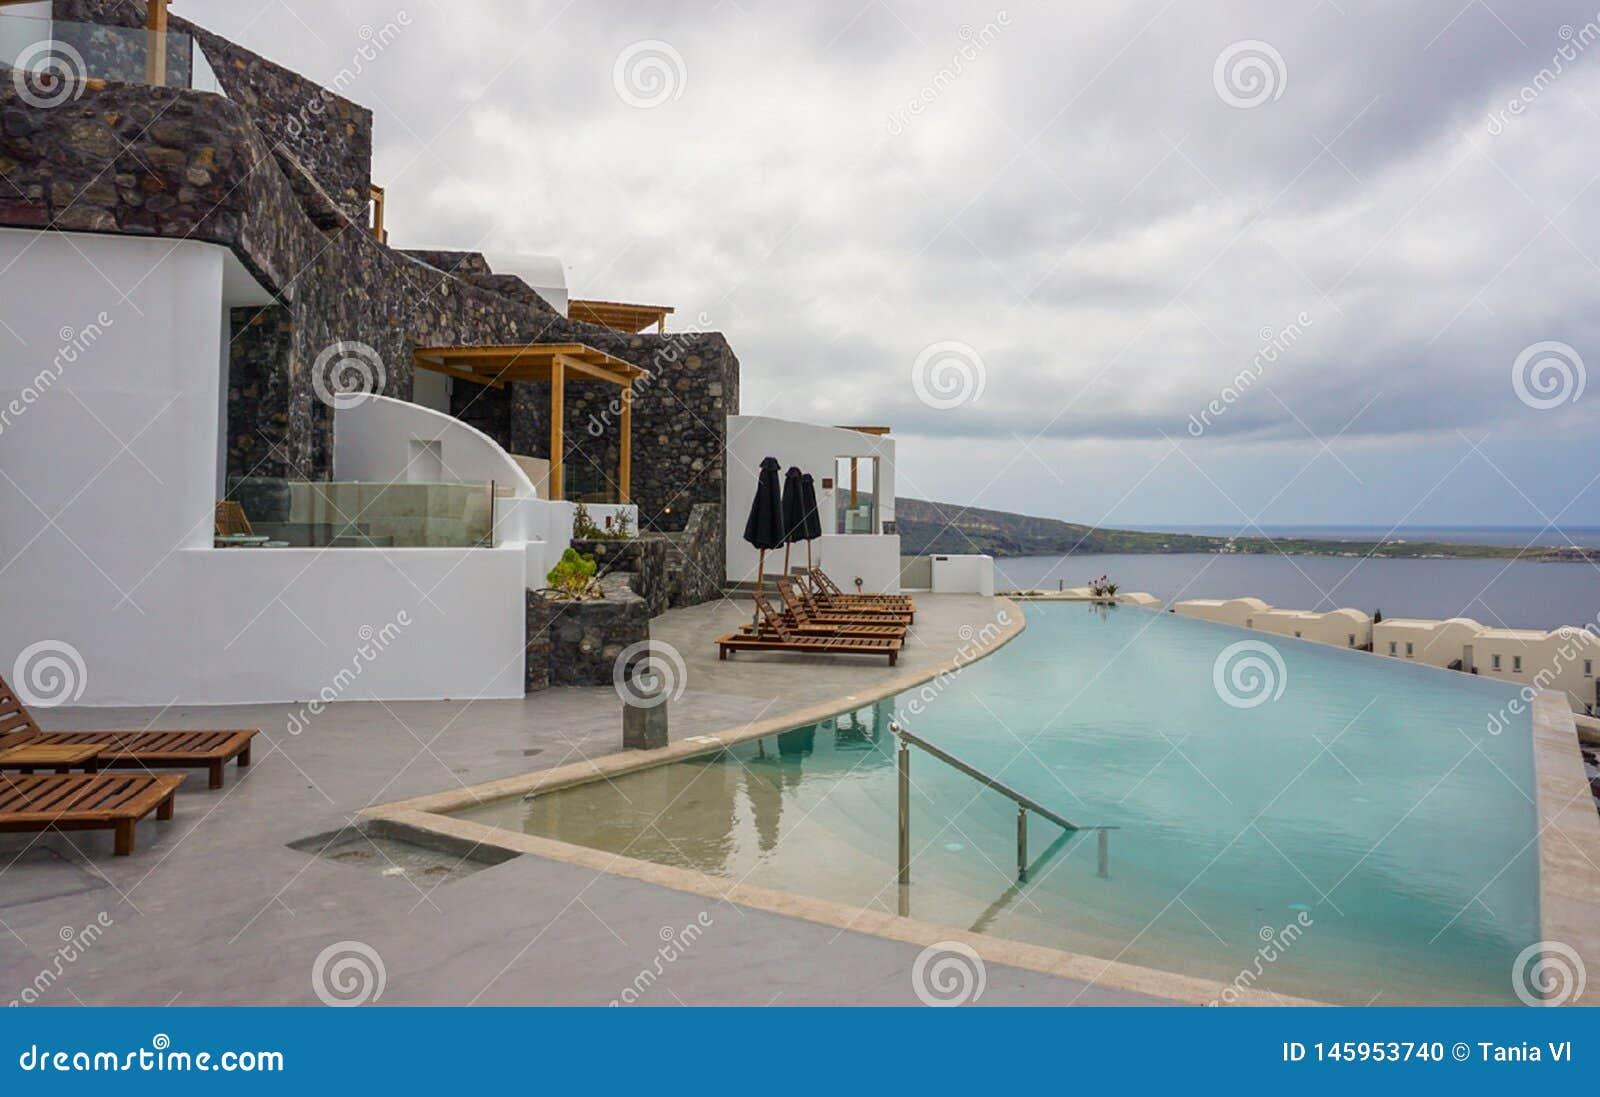 Красивая гостиница с бассейном и видом на море